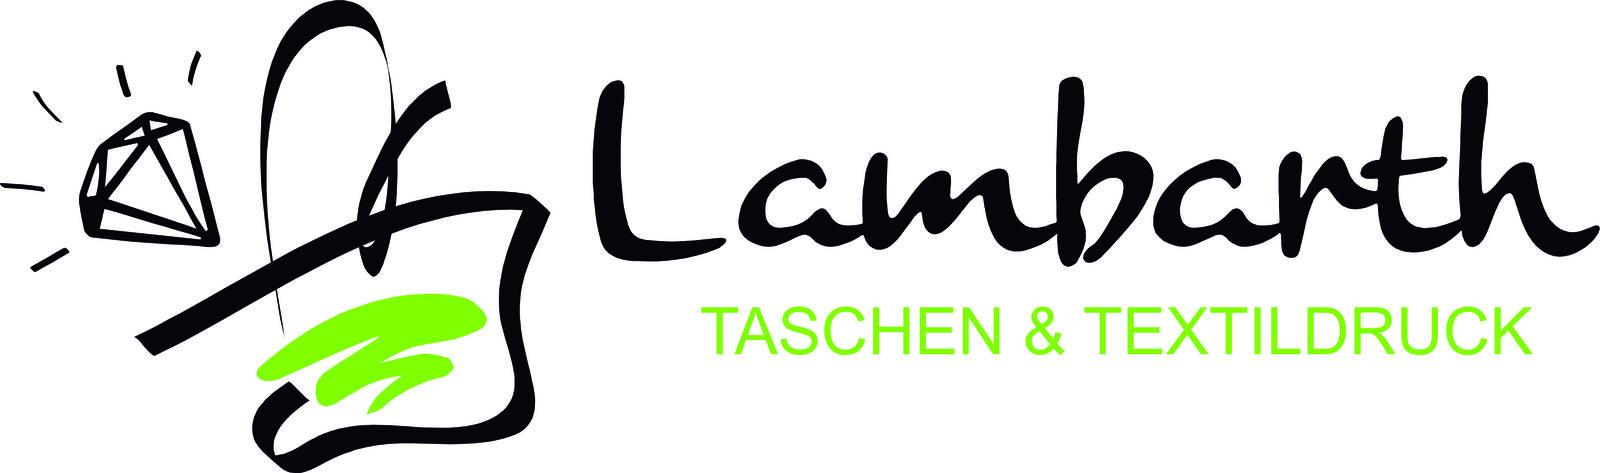 Lambarth TASCHEN & TEXTILDRUCK